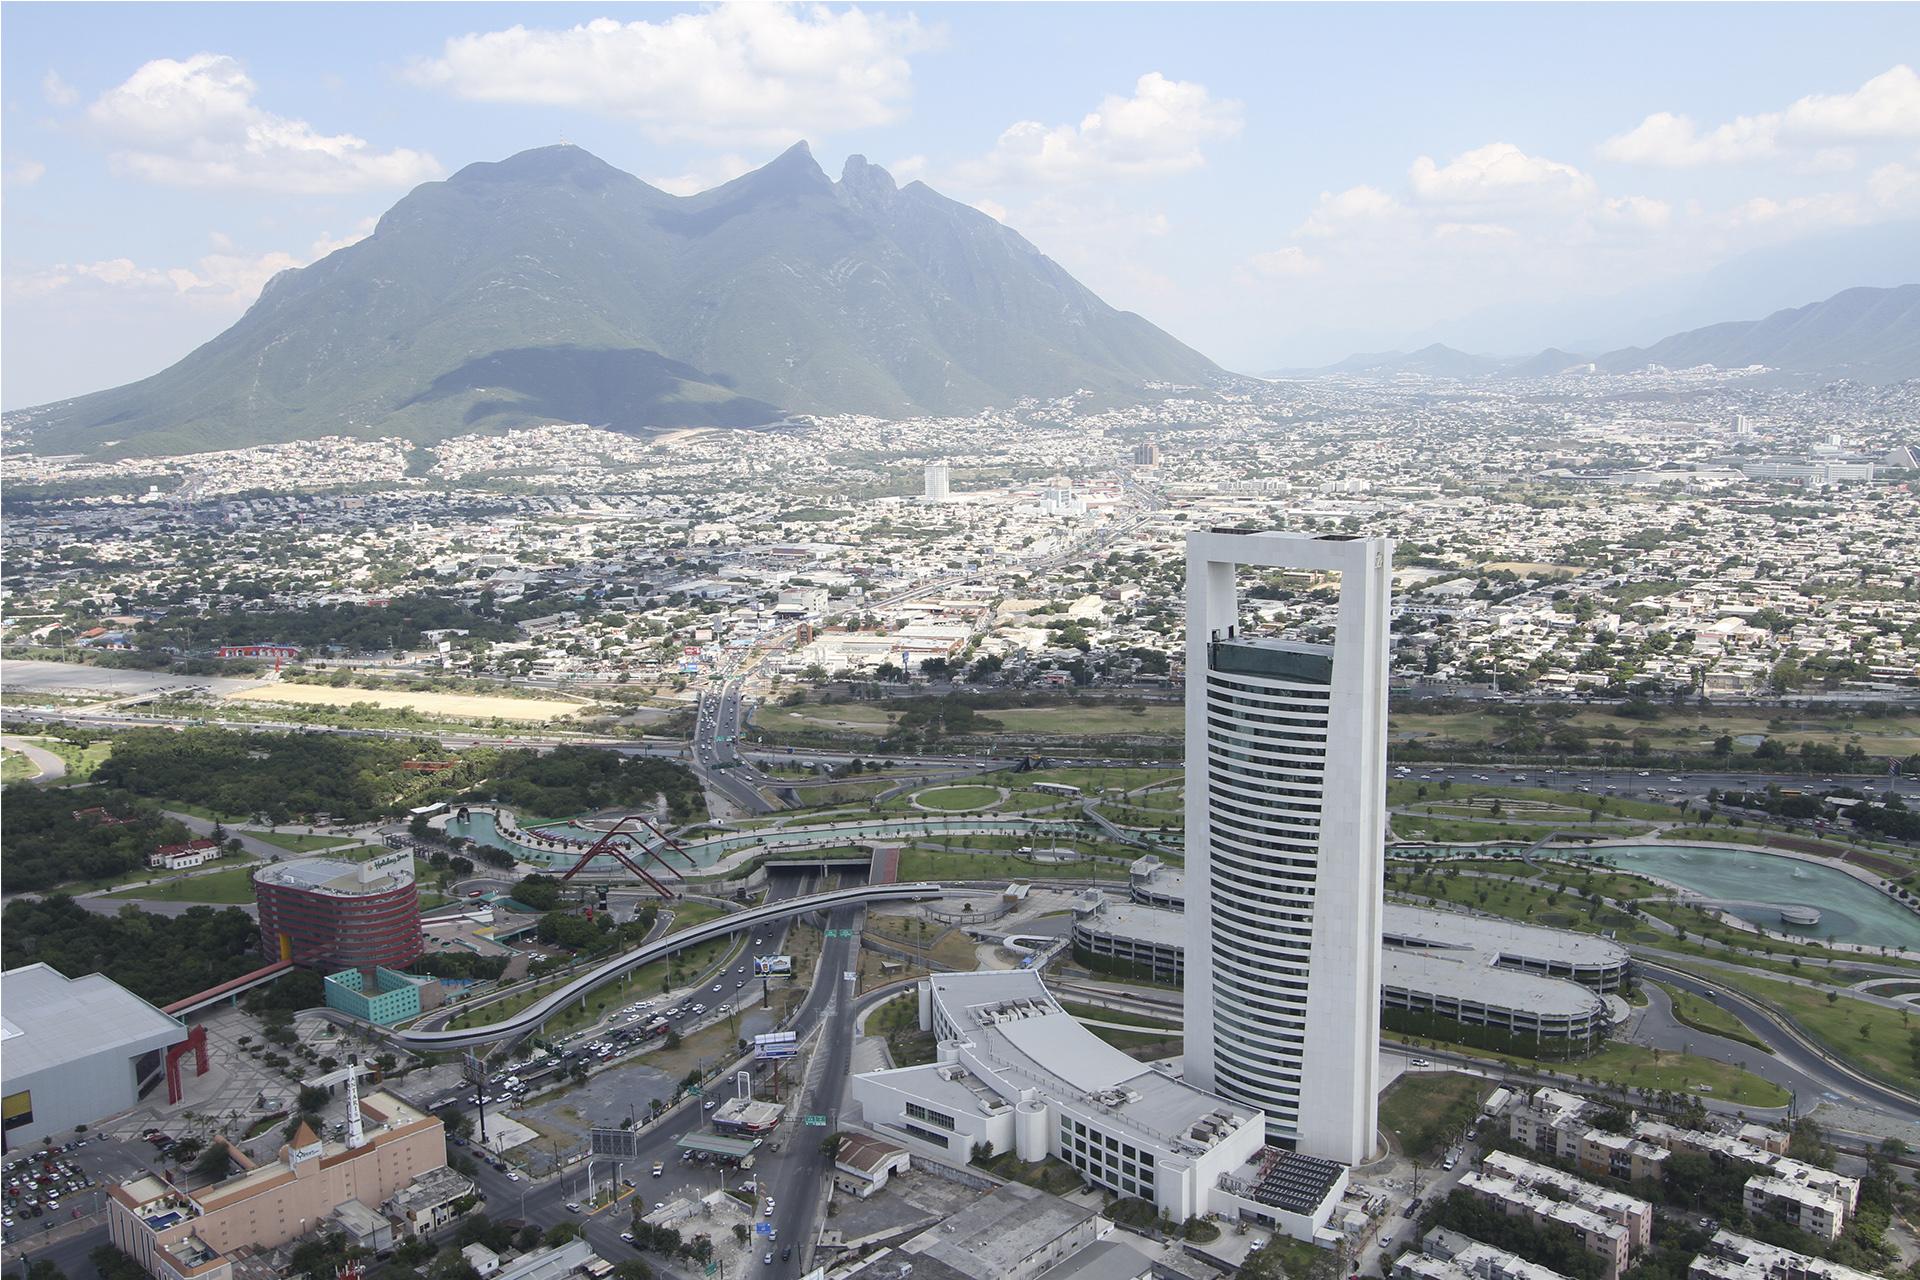 Torre Administrativa del Gobierno del Estado de Nuevo León, Nuevo León, México